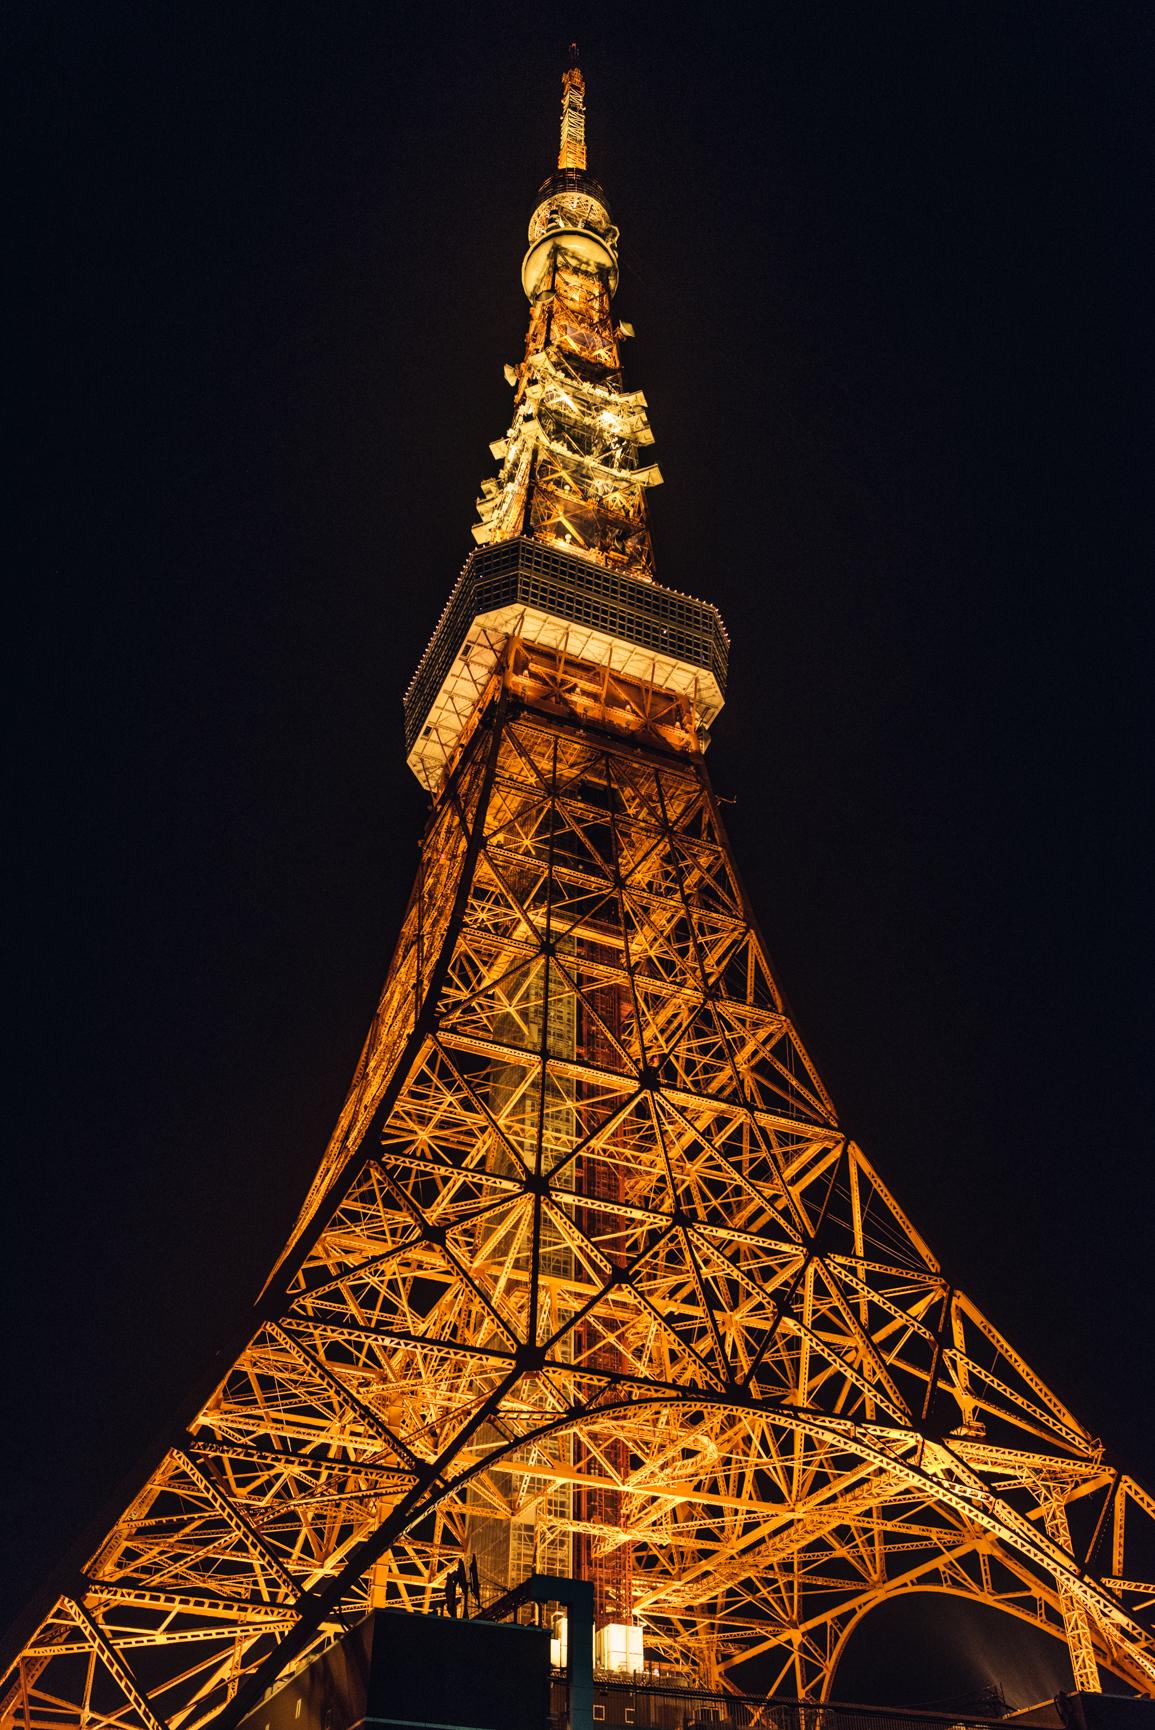 161122-Japan-5003207-180028-0973.jpg